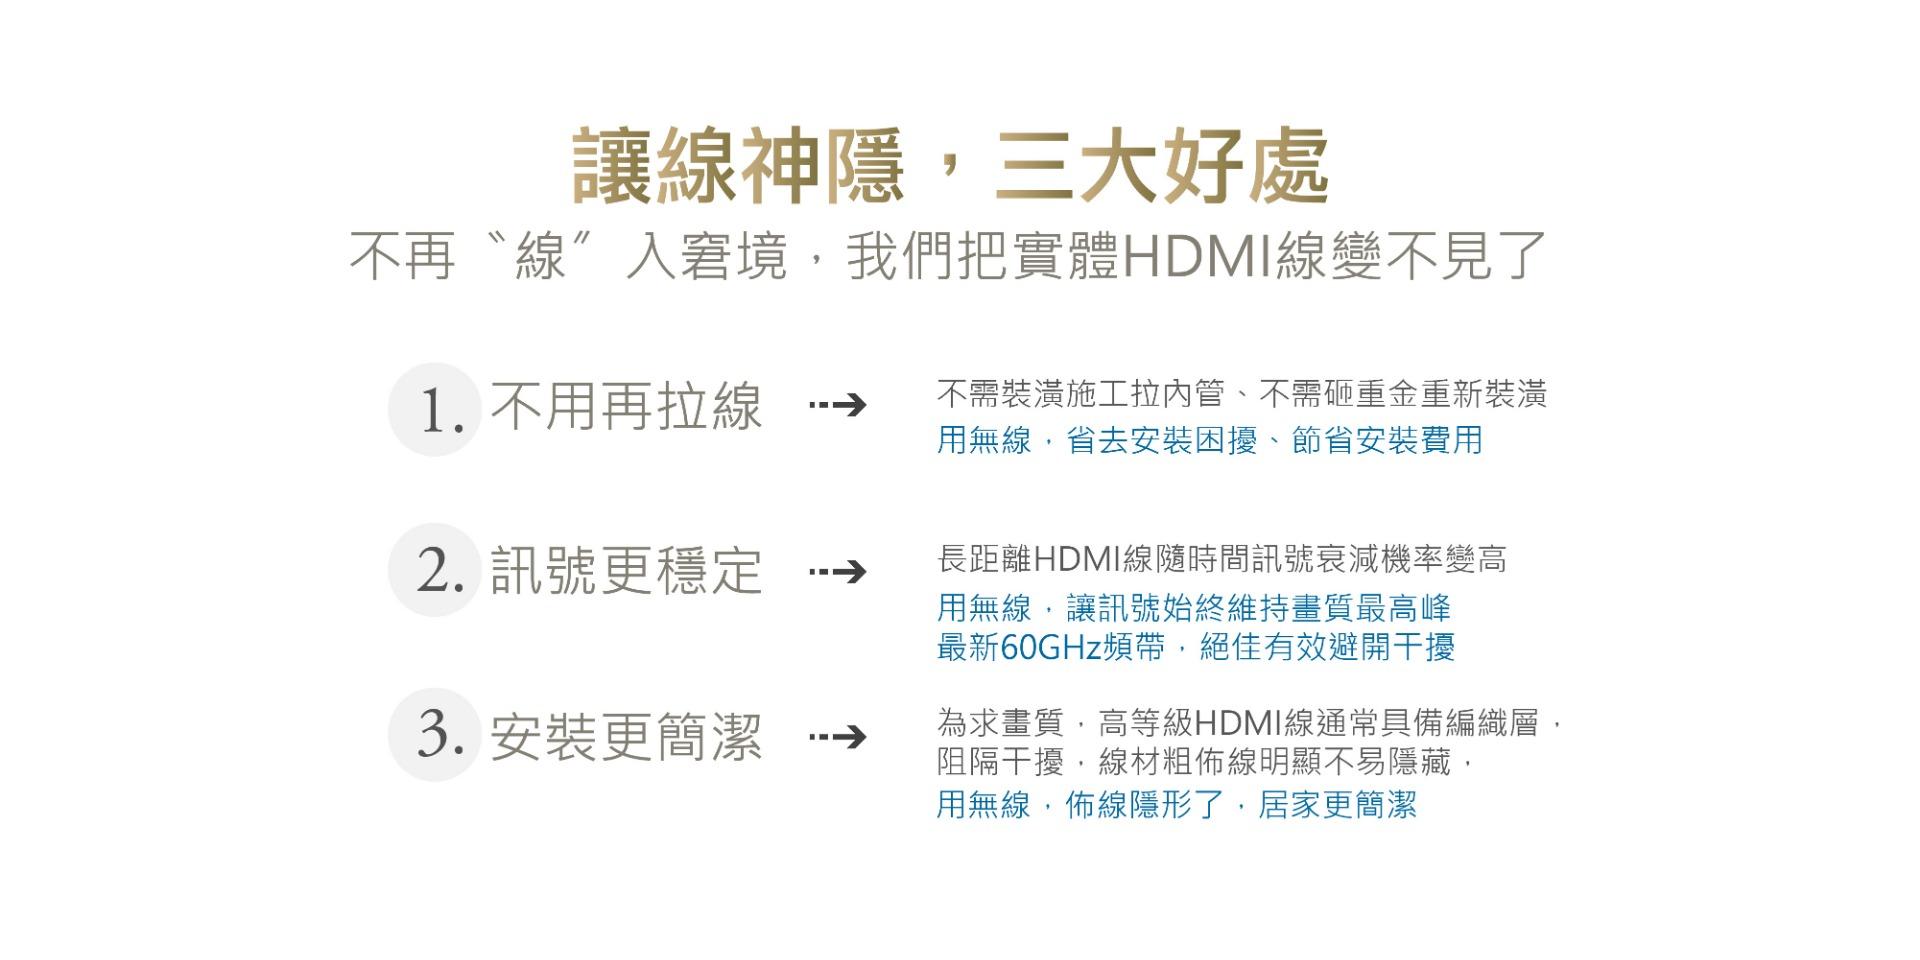 proimages/product/Wireless/WTR-4K/WTR-4K_06_resized.jpg